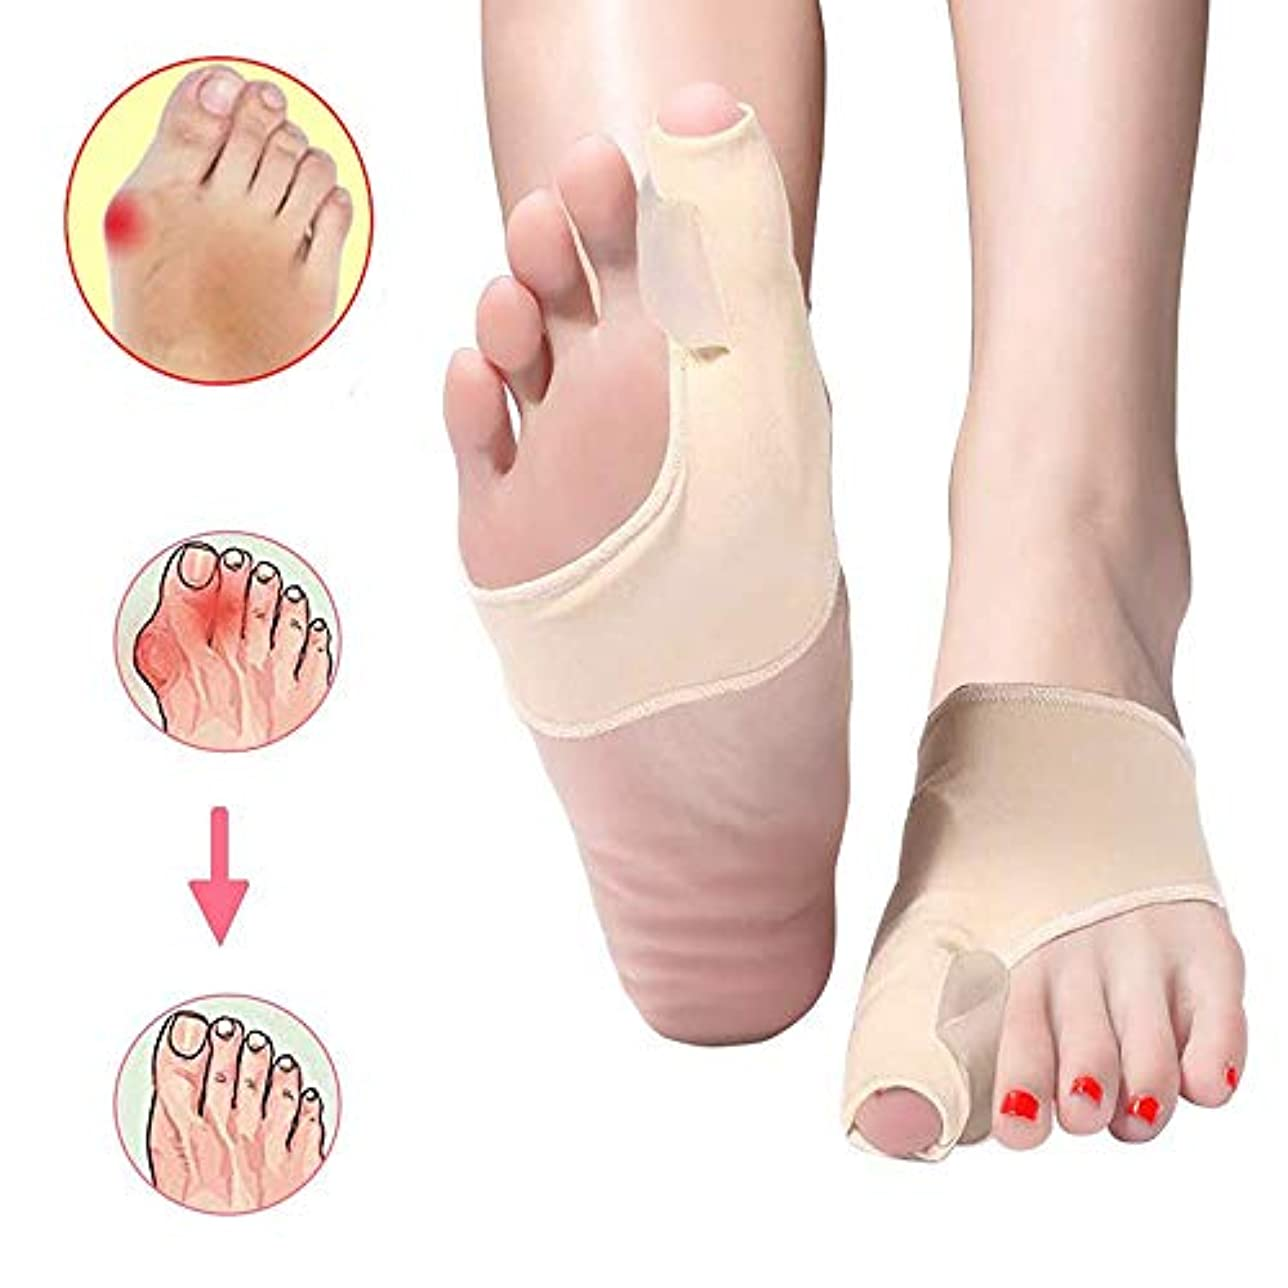 賢明なセッティング伝える1ペア親指外反母Correct腱膜瘤矯正足の親指矯正腱膜瘤パッドブレースクッションシリコーンゲルパッドスプリントサポートプロテクタースリーブデイナイトナイト(アプリコットカラー)